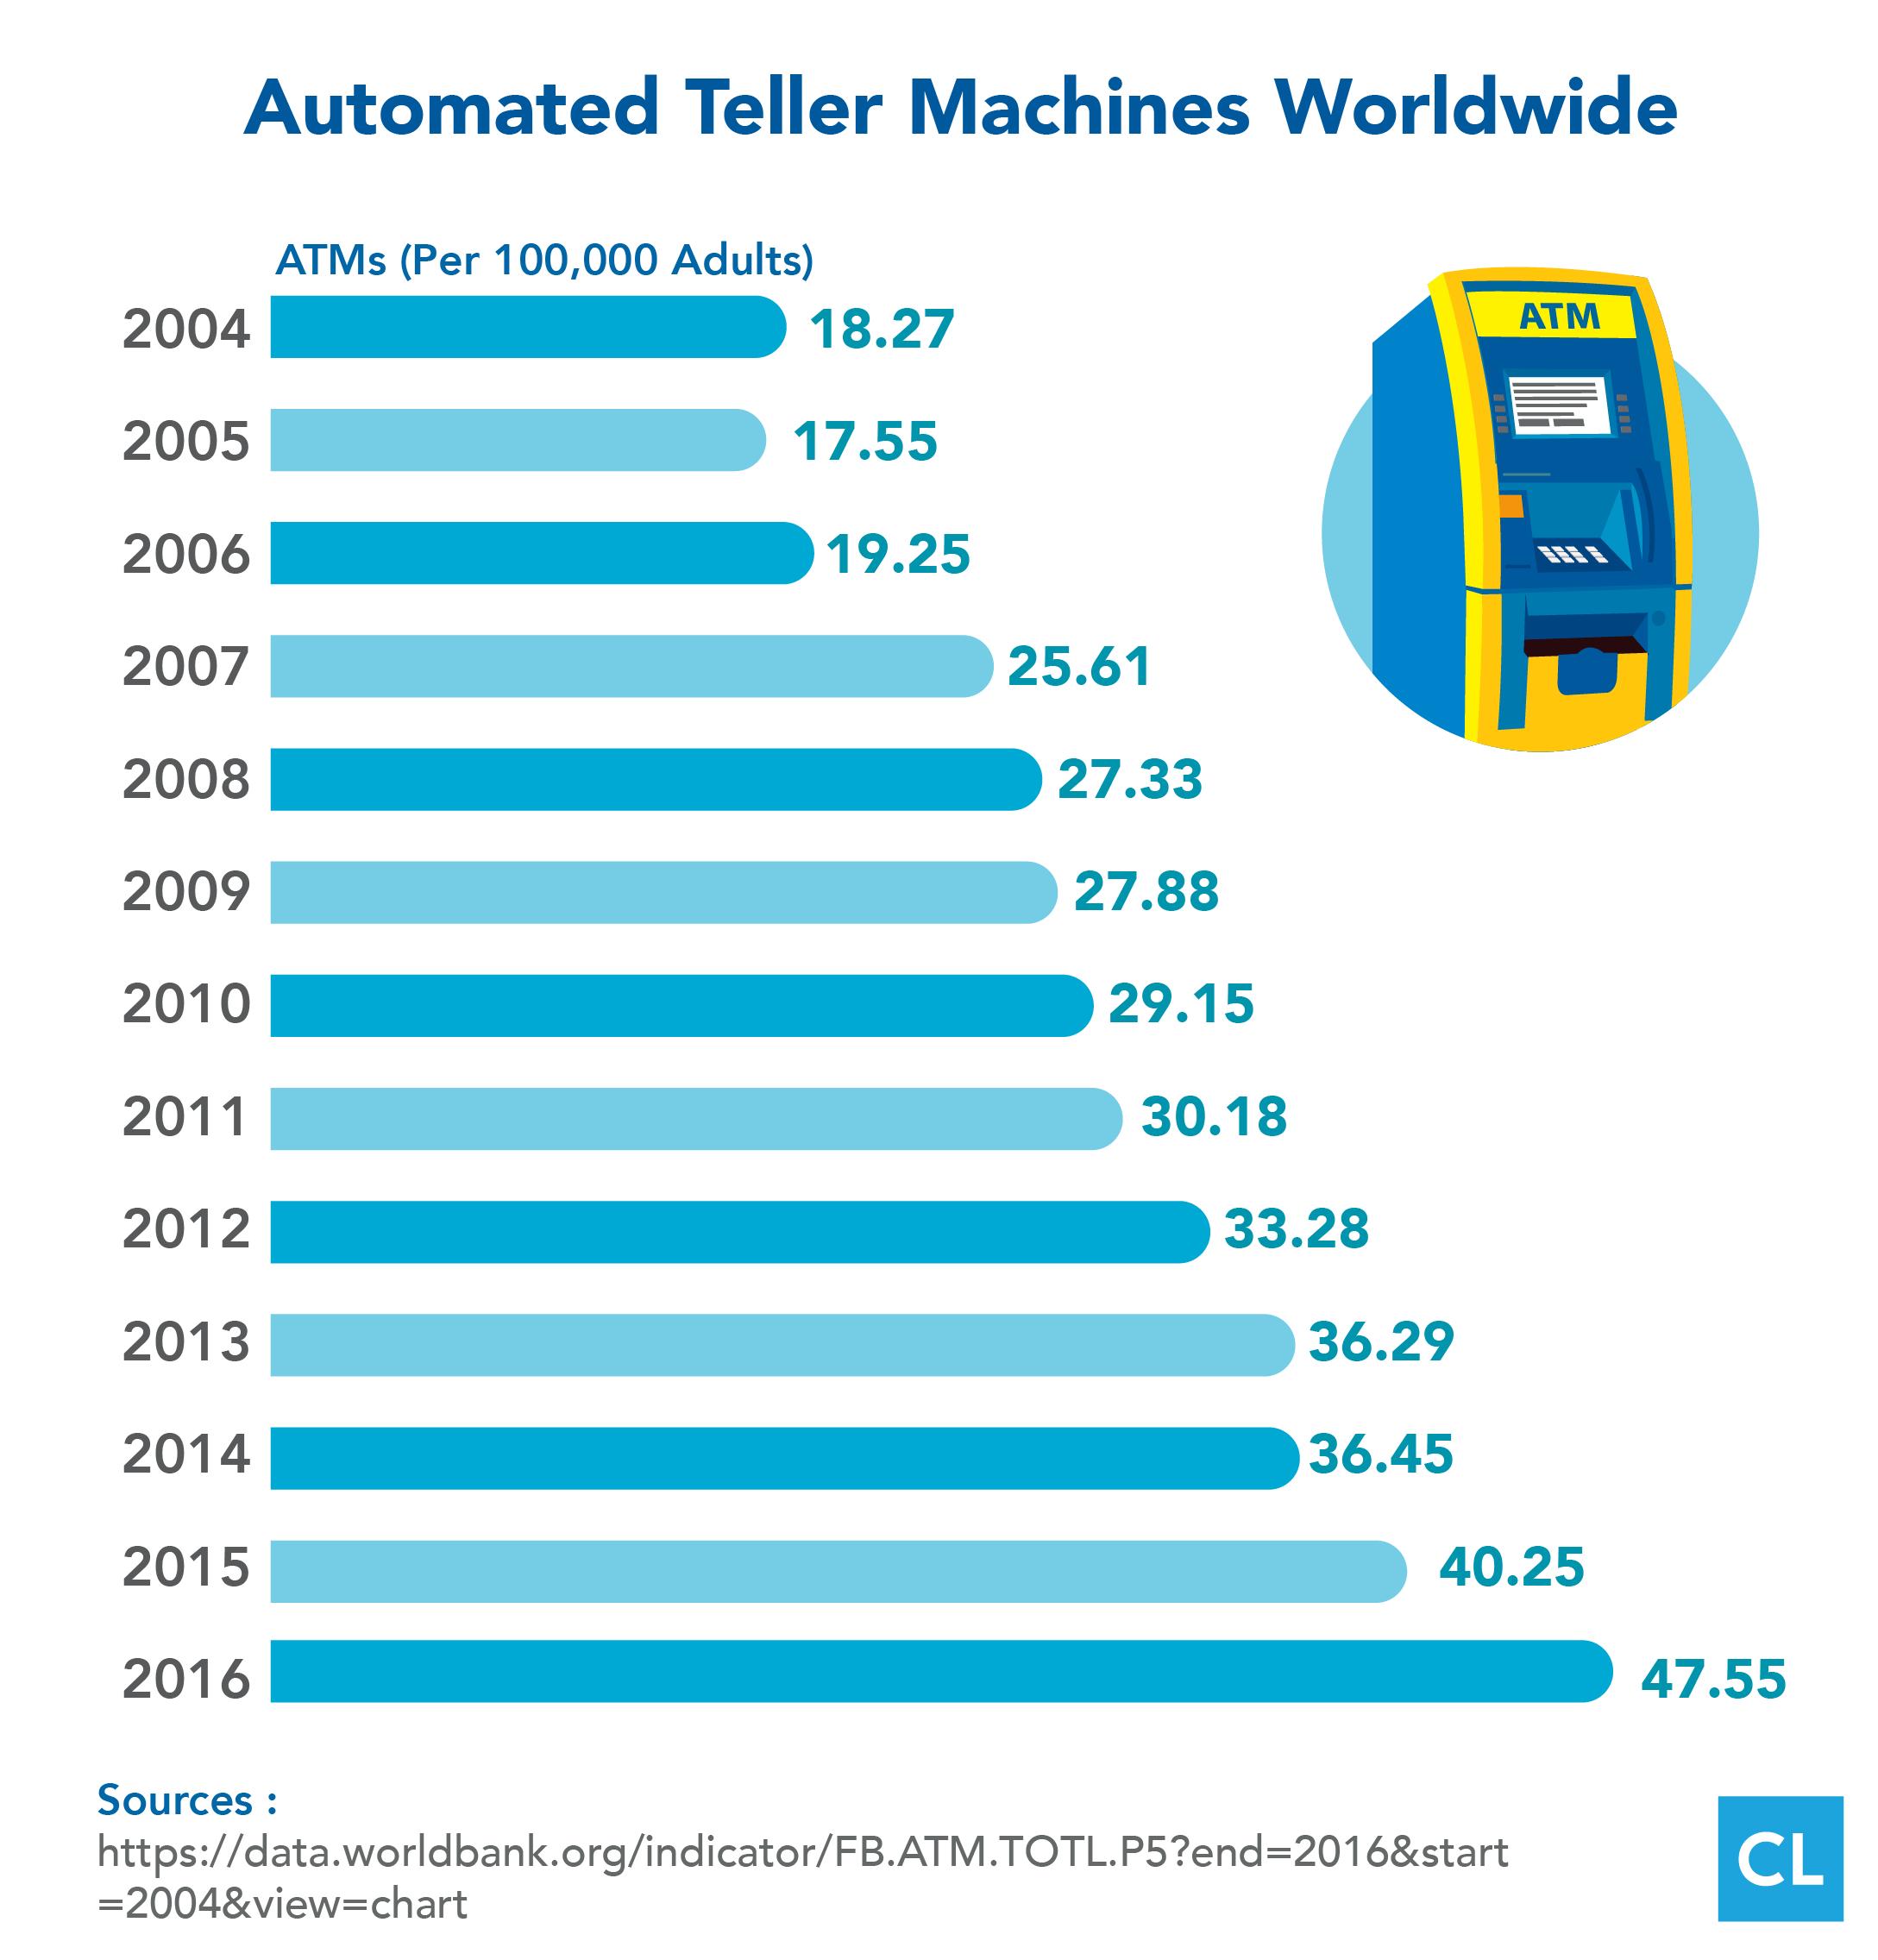 ATMs Worldwide 2004-2016